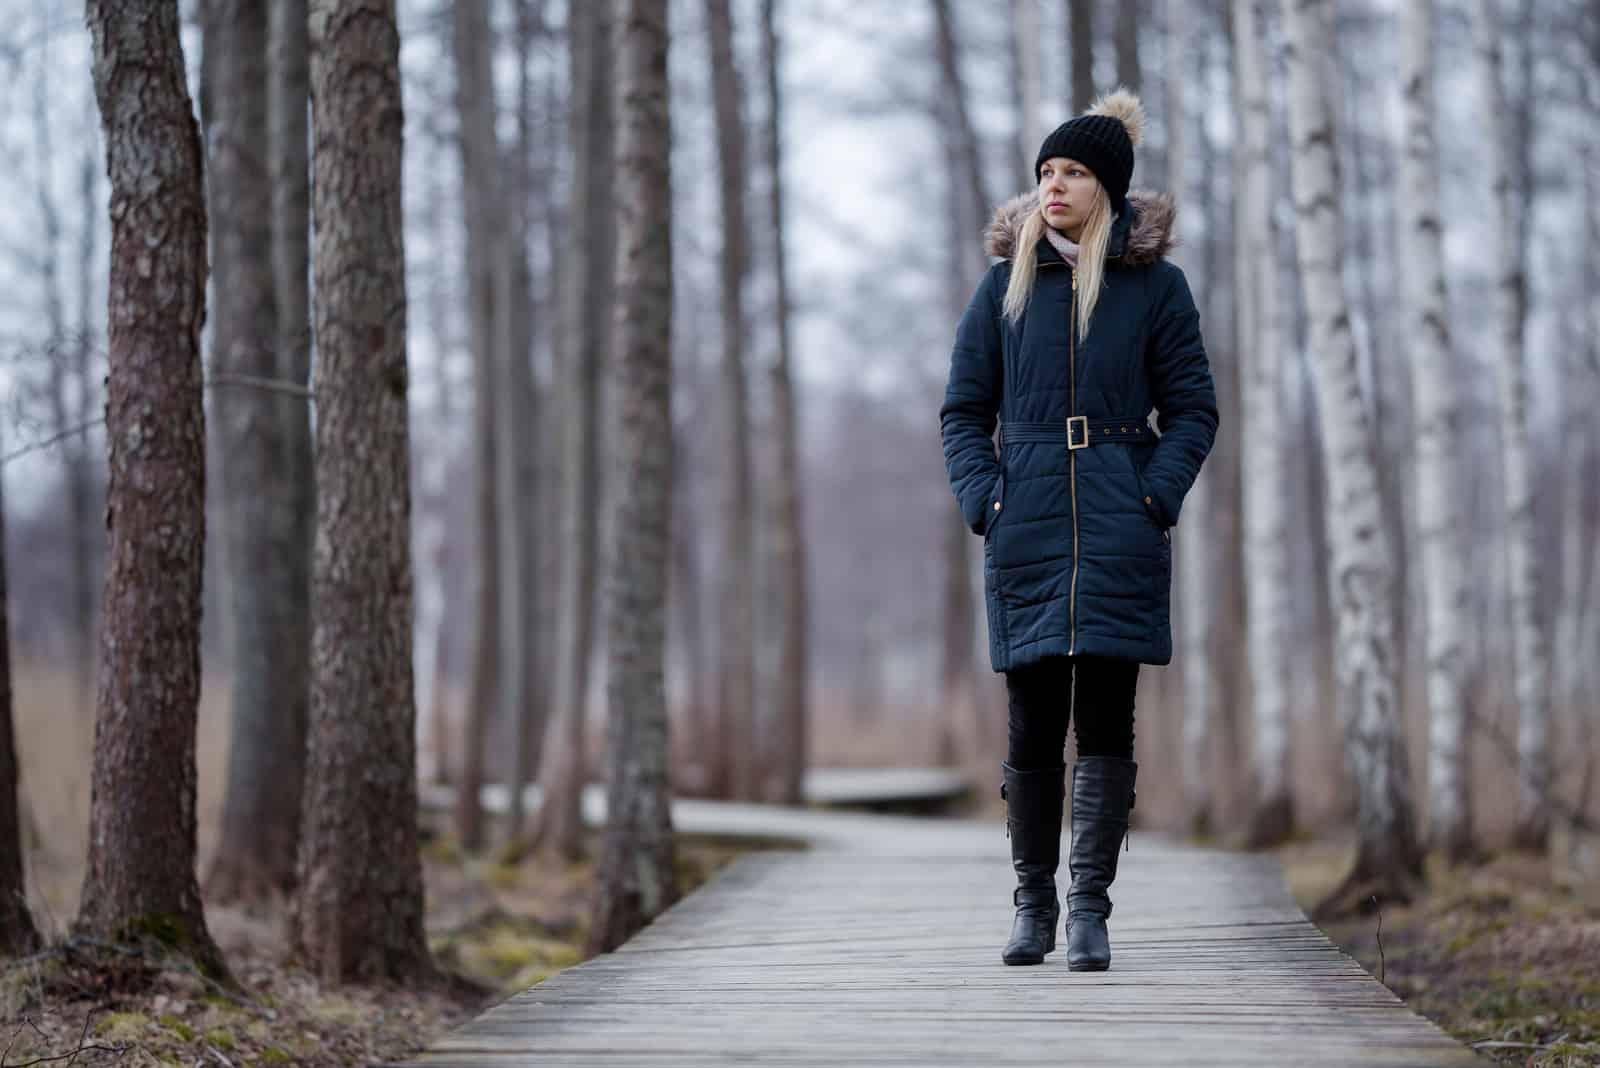 kvinna går i parken